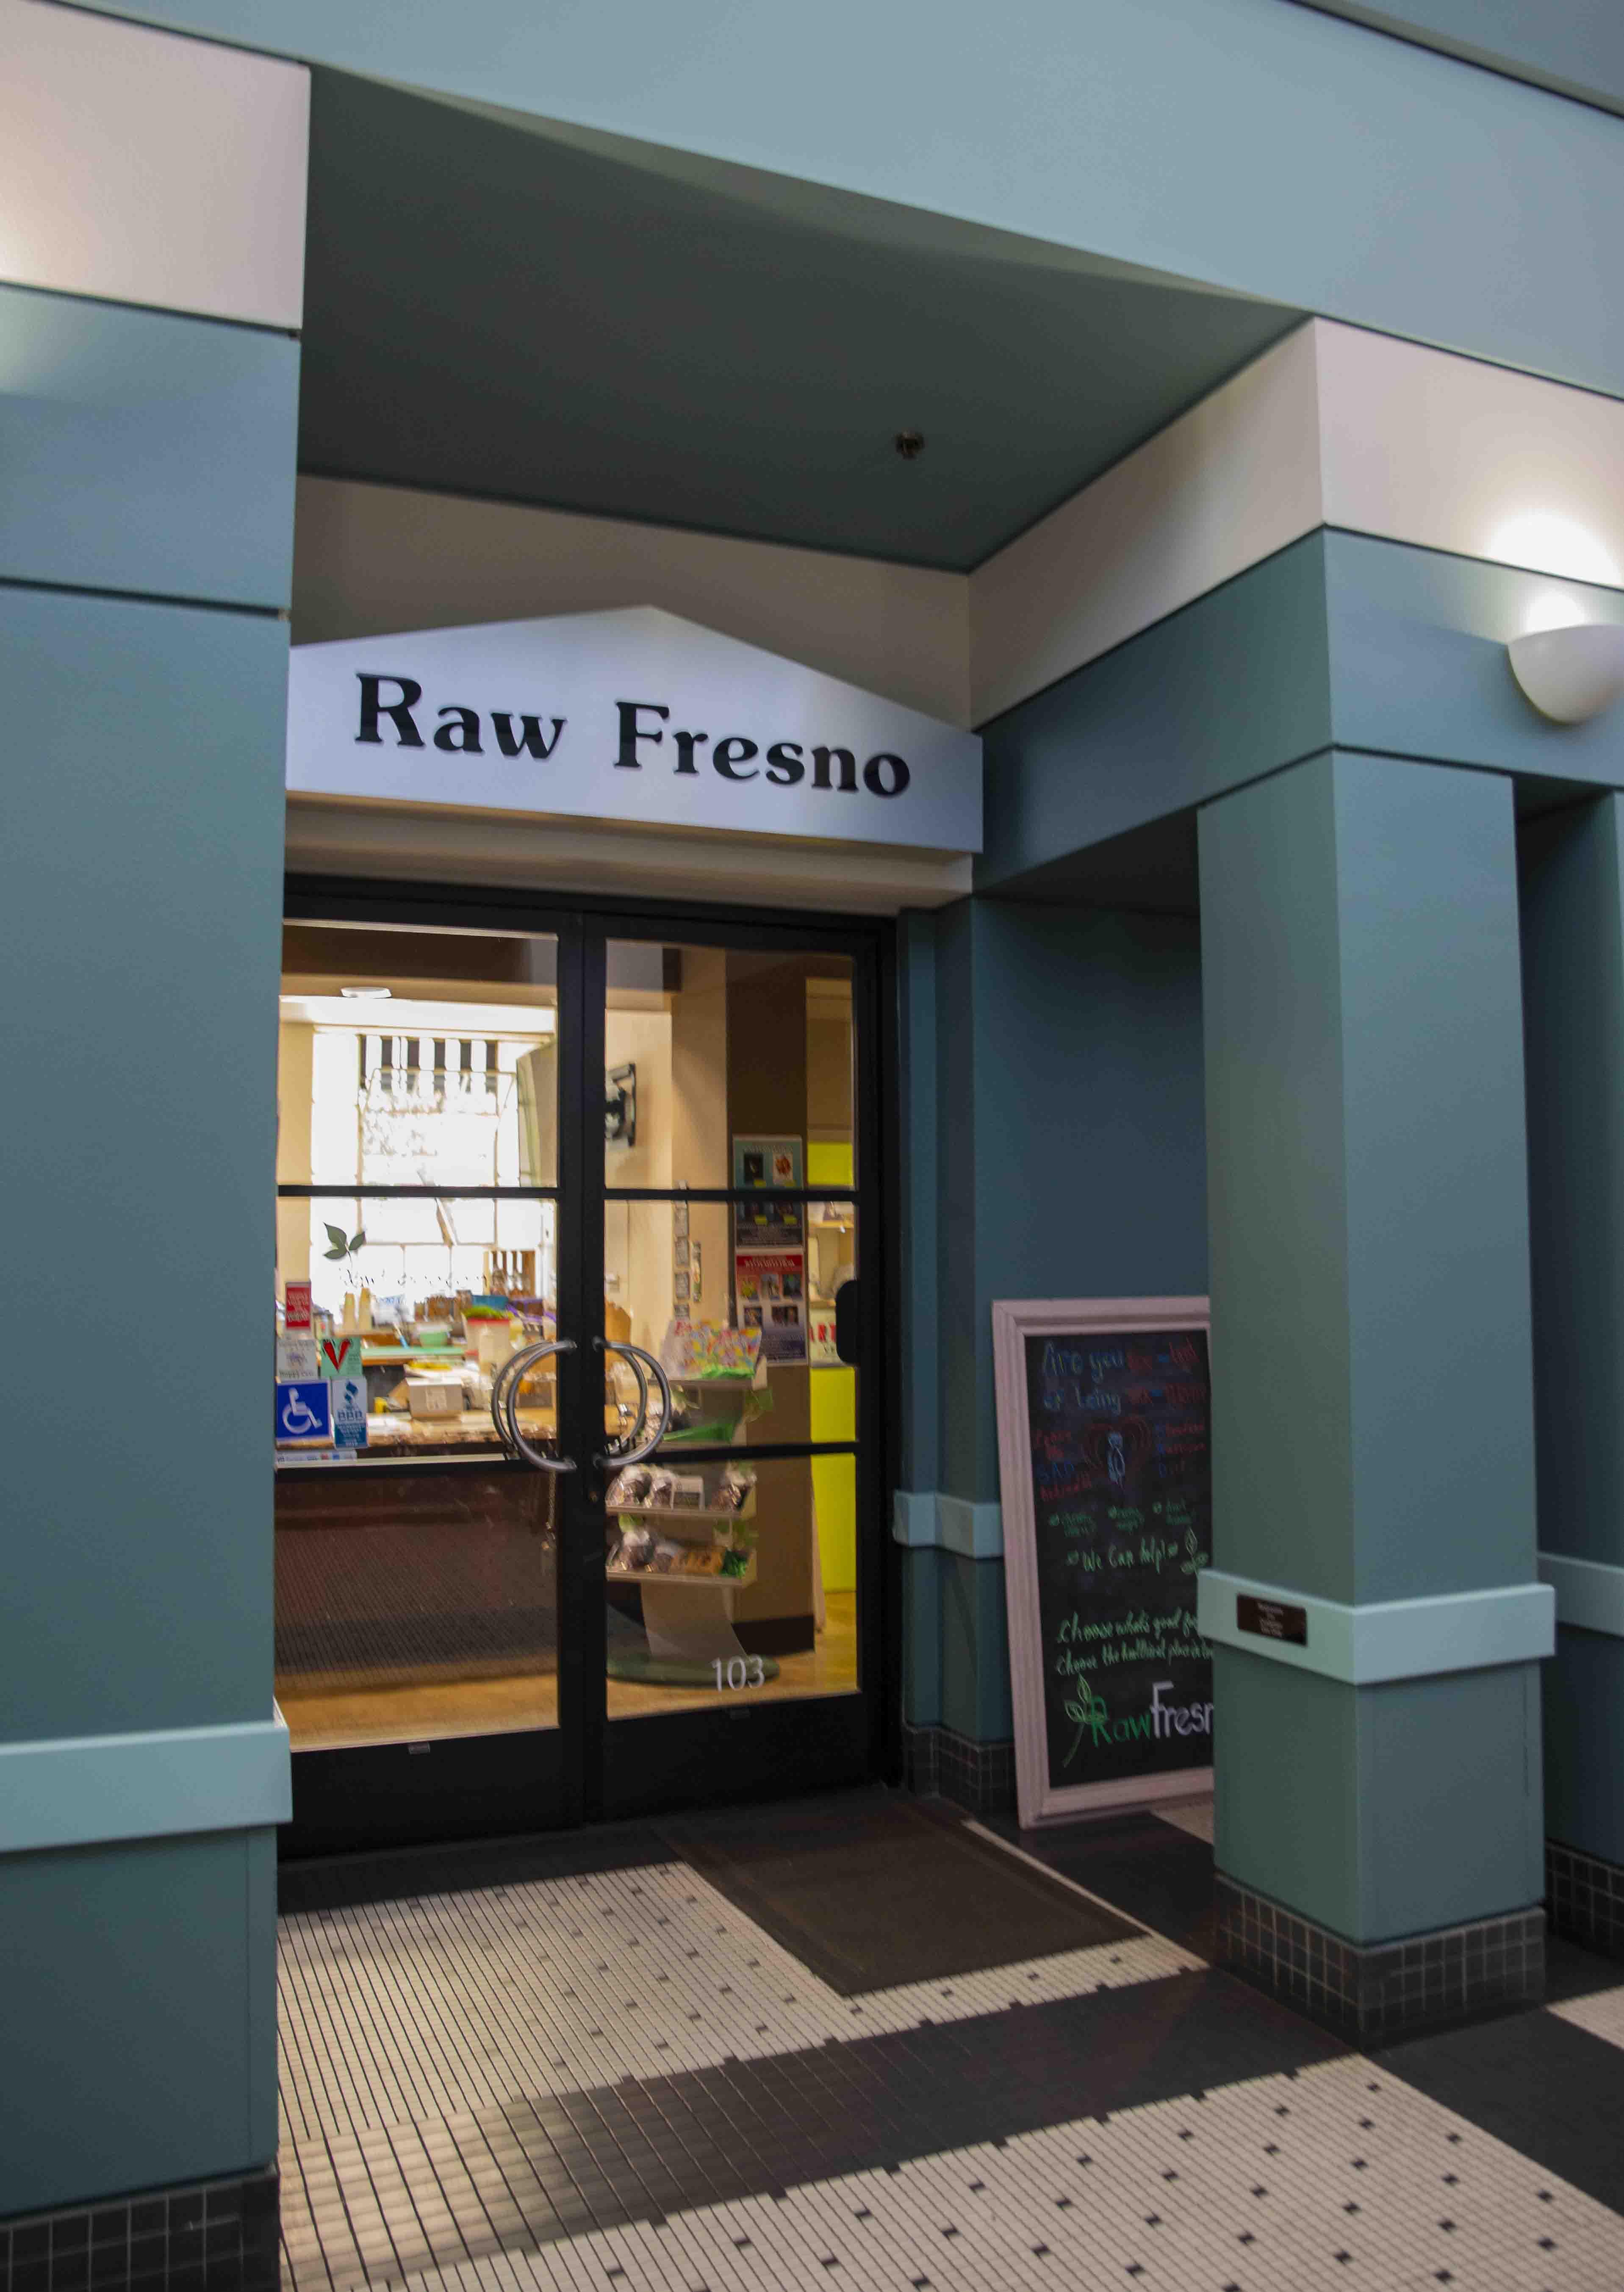 Raw Fresno